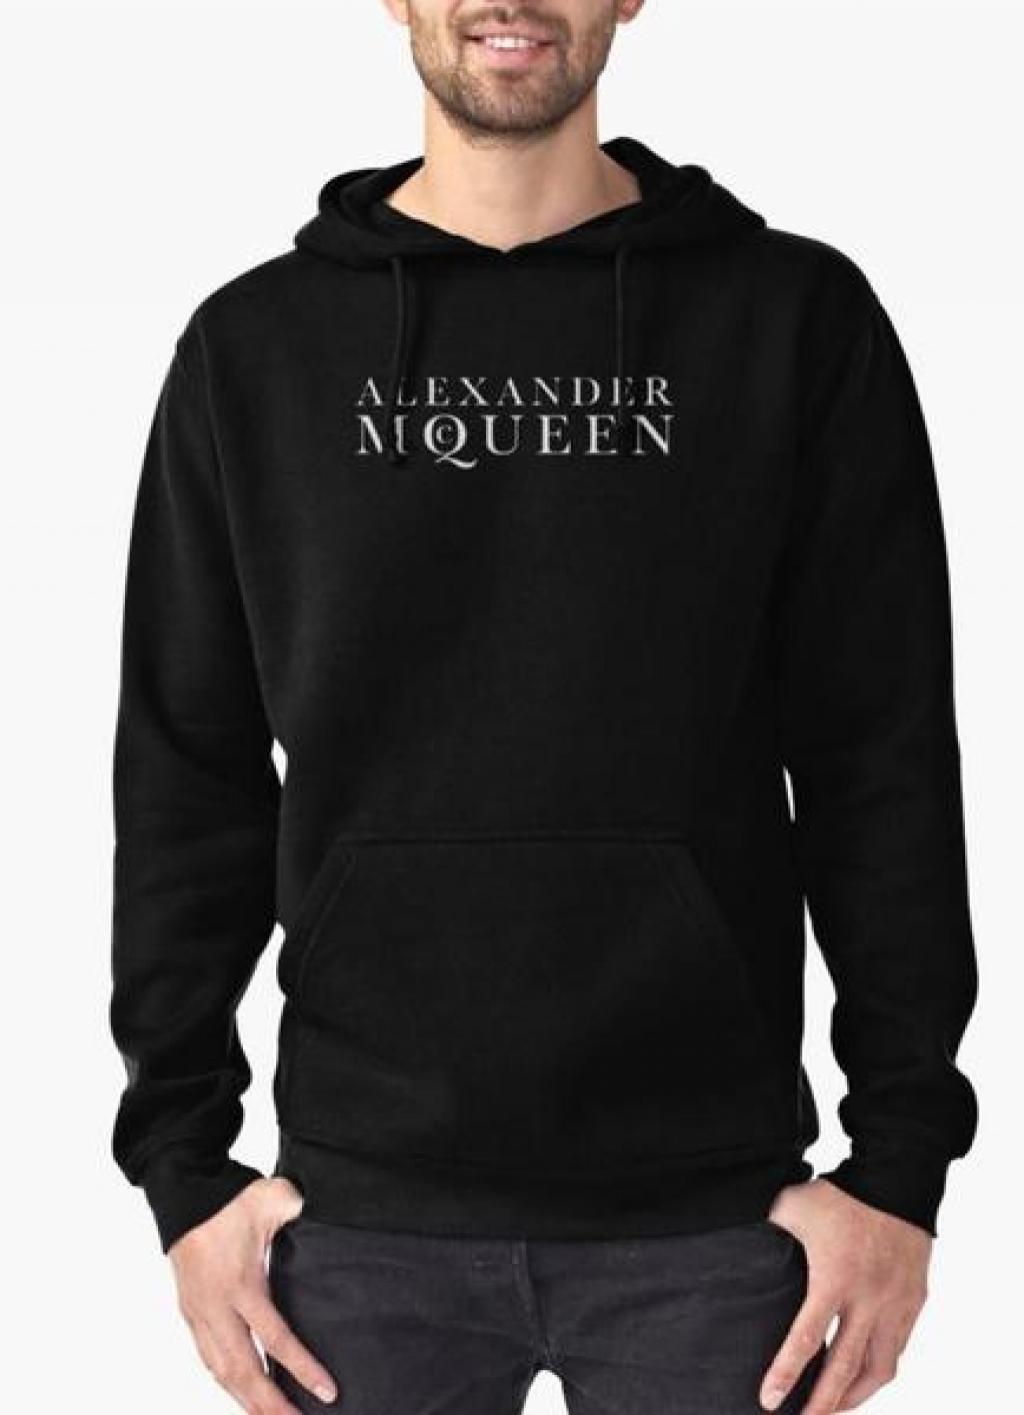 15408292760_farhan-ahmed-hoodie-alexnder-hoodie-black-1204578844712_grande.jpg